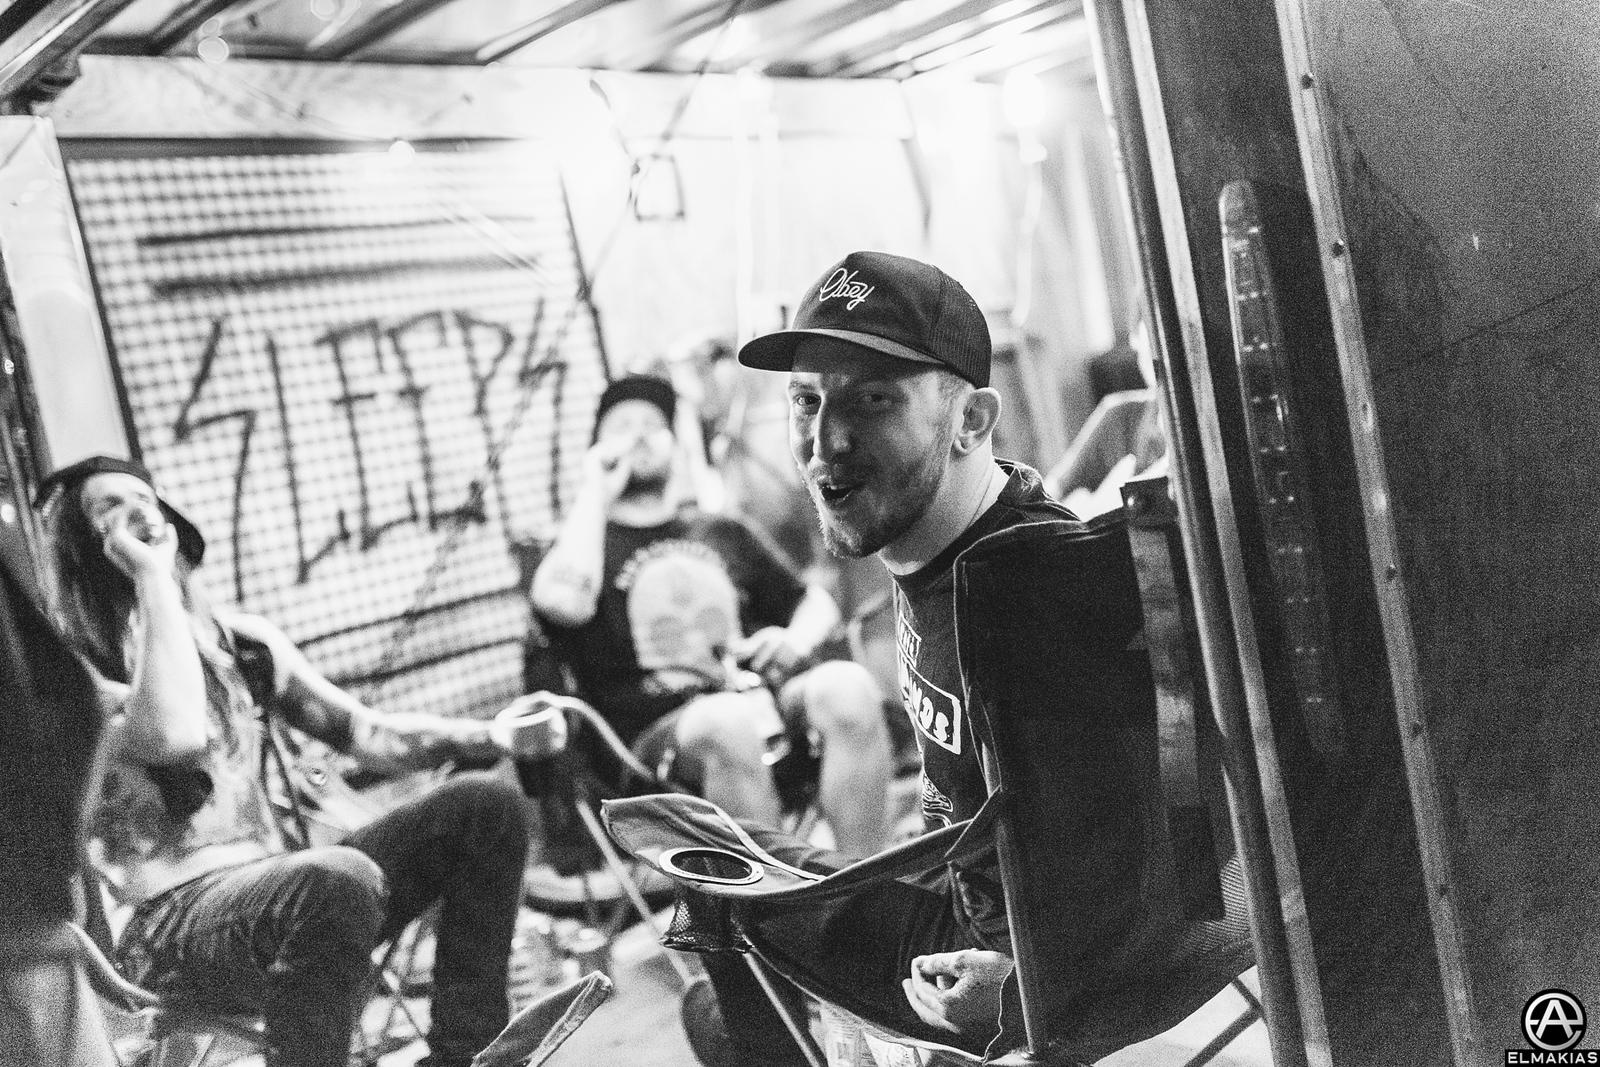 While She Sleeps hangs at Vans Warped Tour 2015 by Adam Elmakias